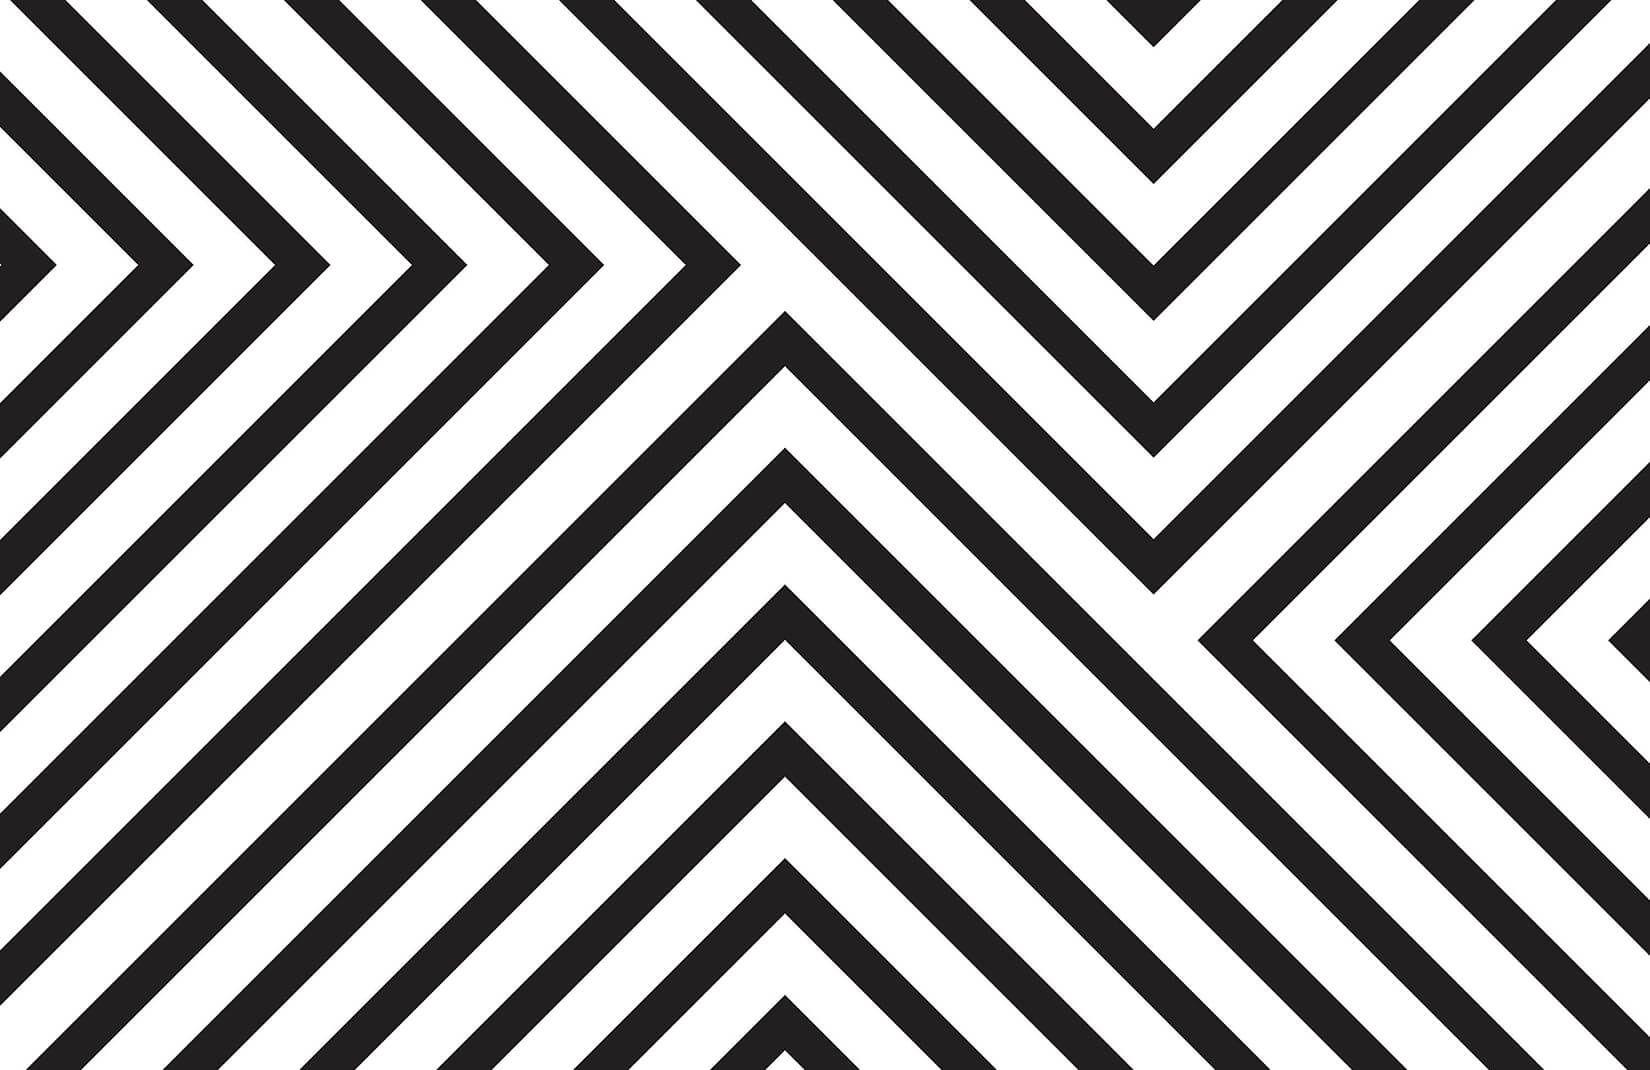 Mona Black White Striped Wallpaper Mural Hovia Striped Wallpaper Black And White Lines Lines Wallpaper